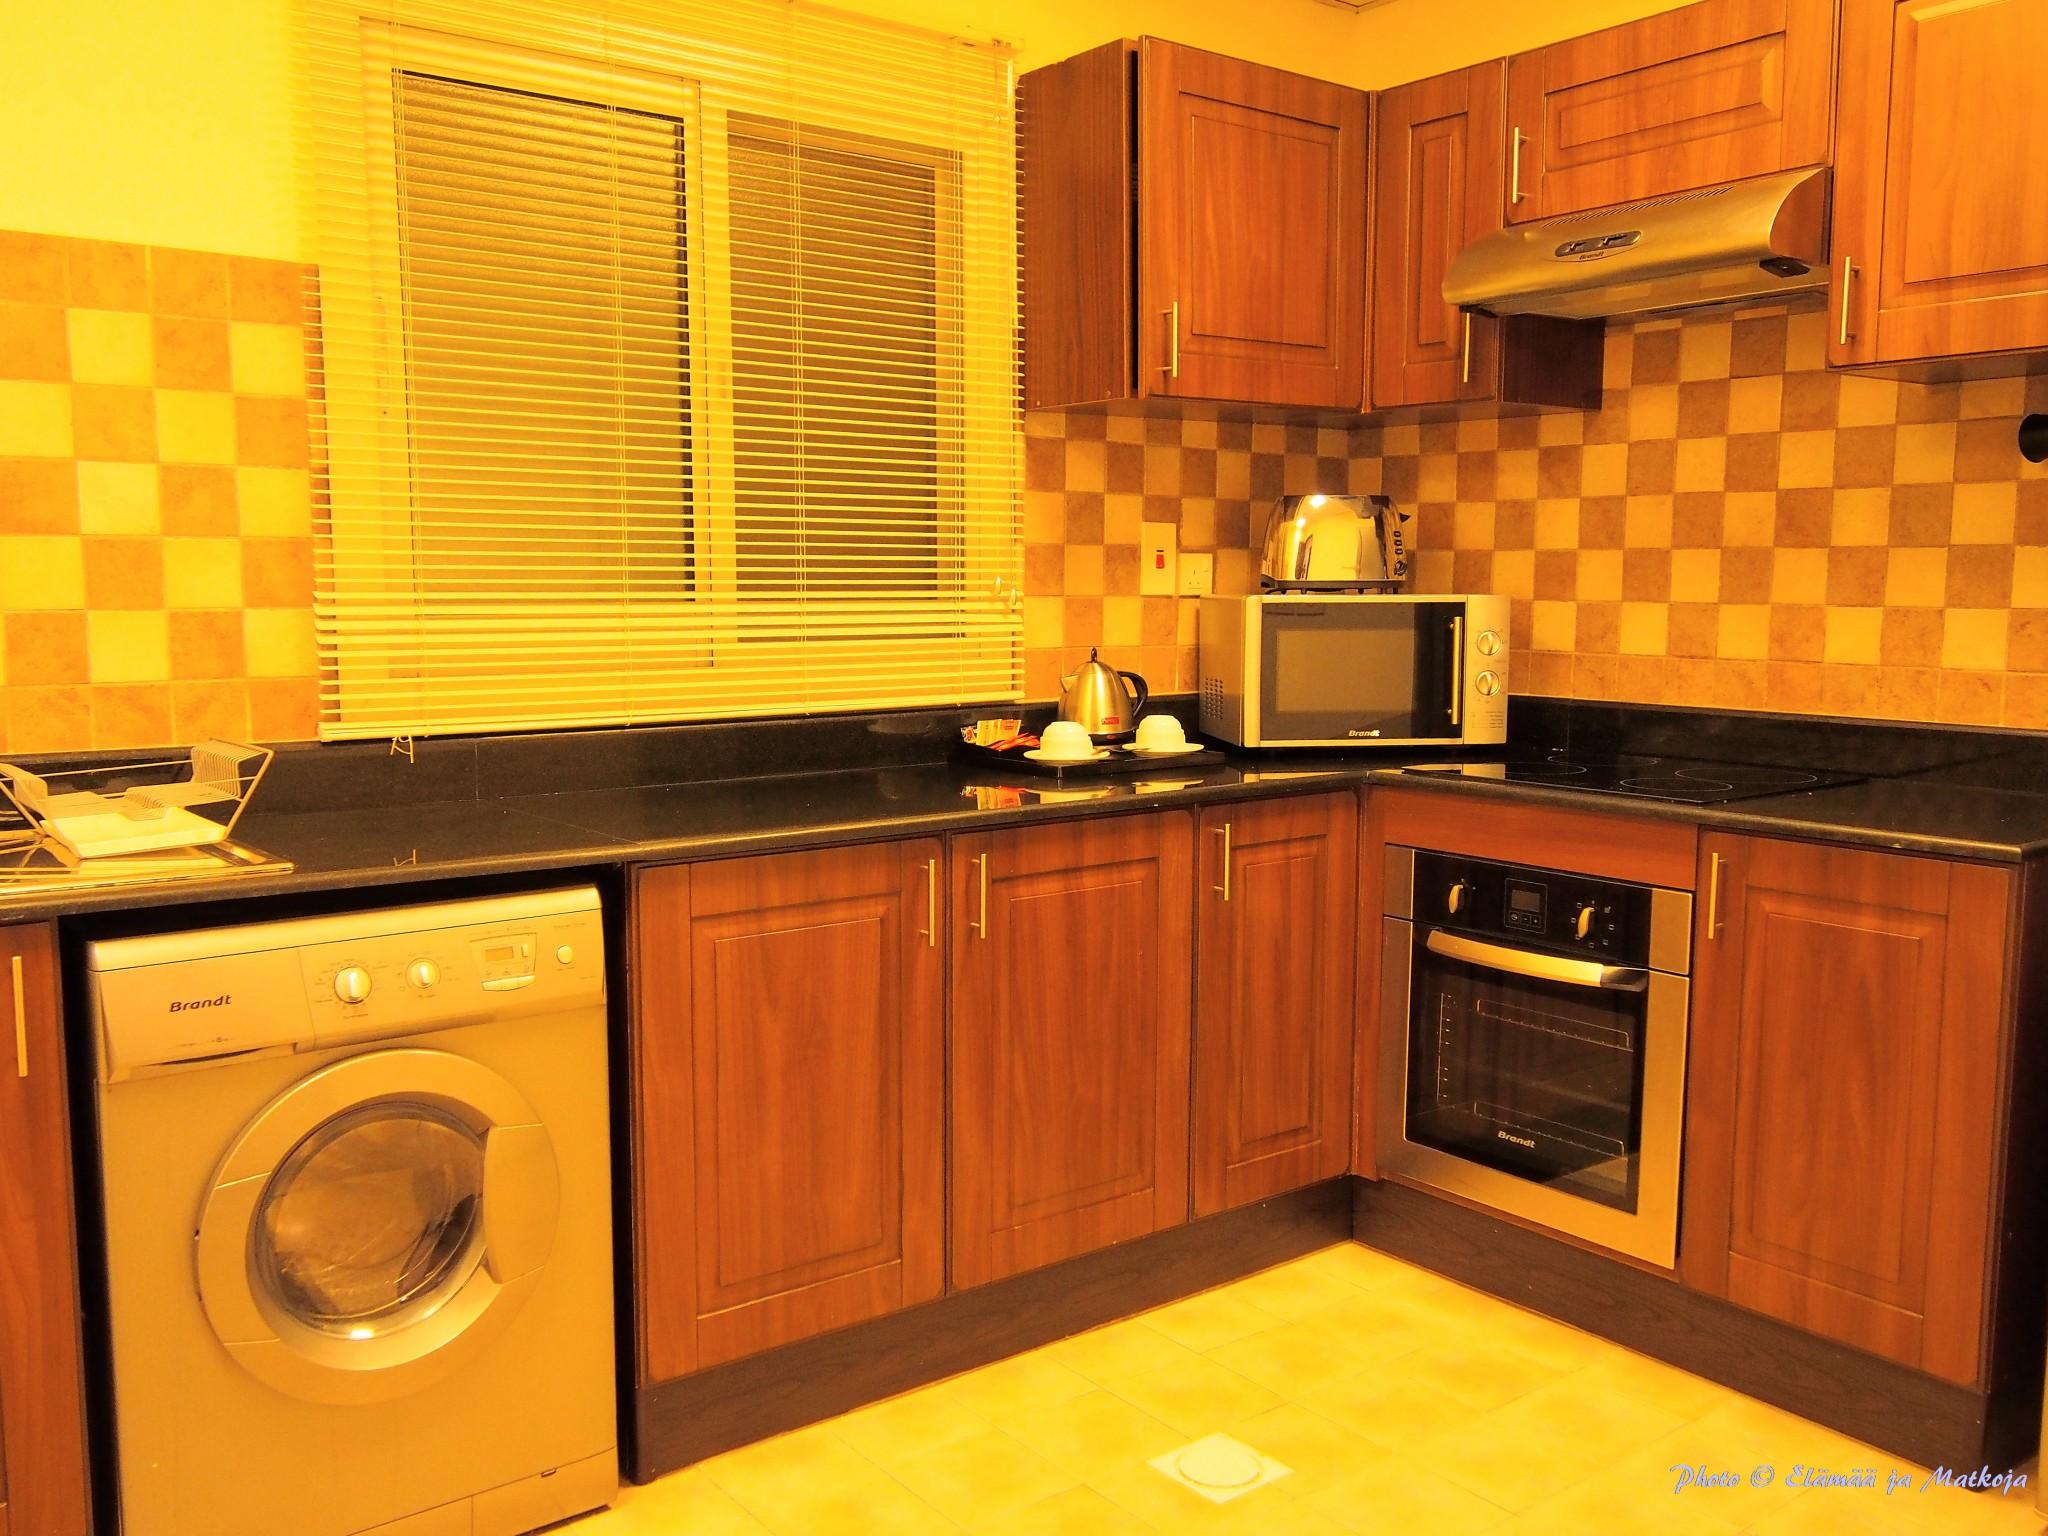 Kuvan keltaisuus johtuu keittiön voimakkaan värisestä valaistuksesta.